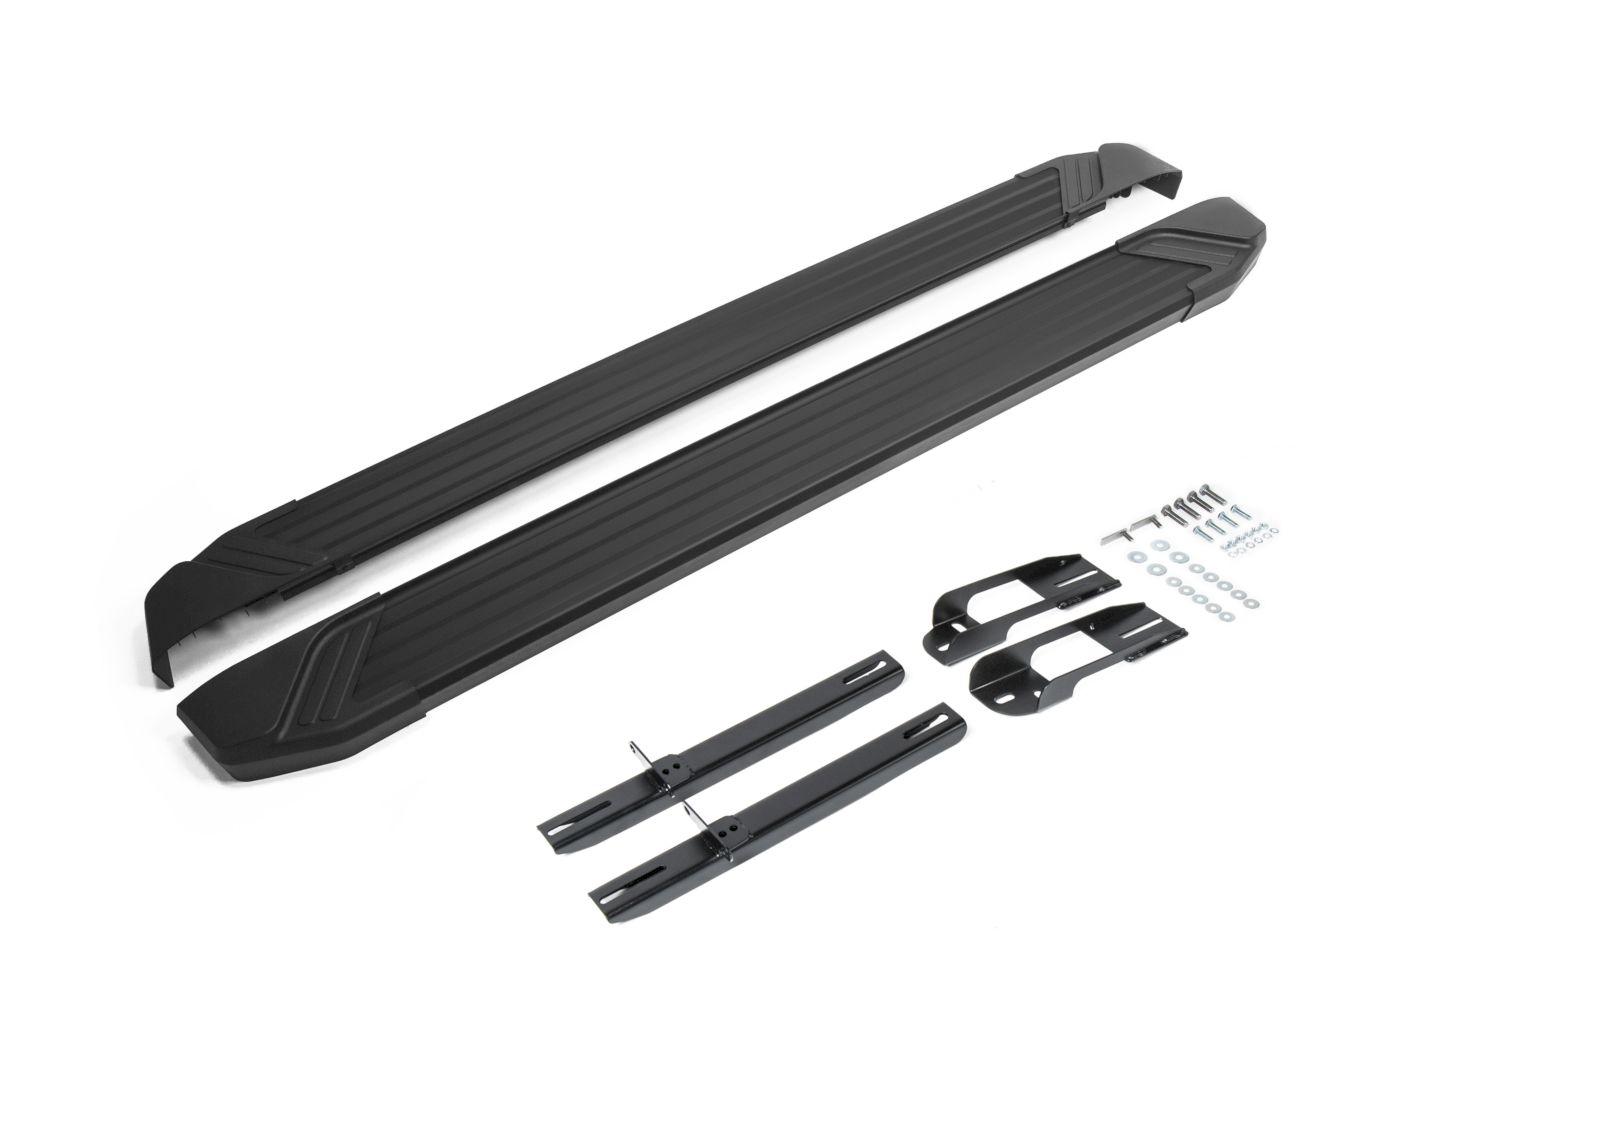 Basic Black Bočné nášľapy TUV Nissan Juke 4WD 2010-2016